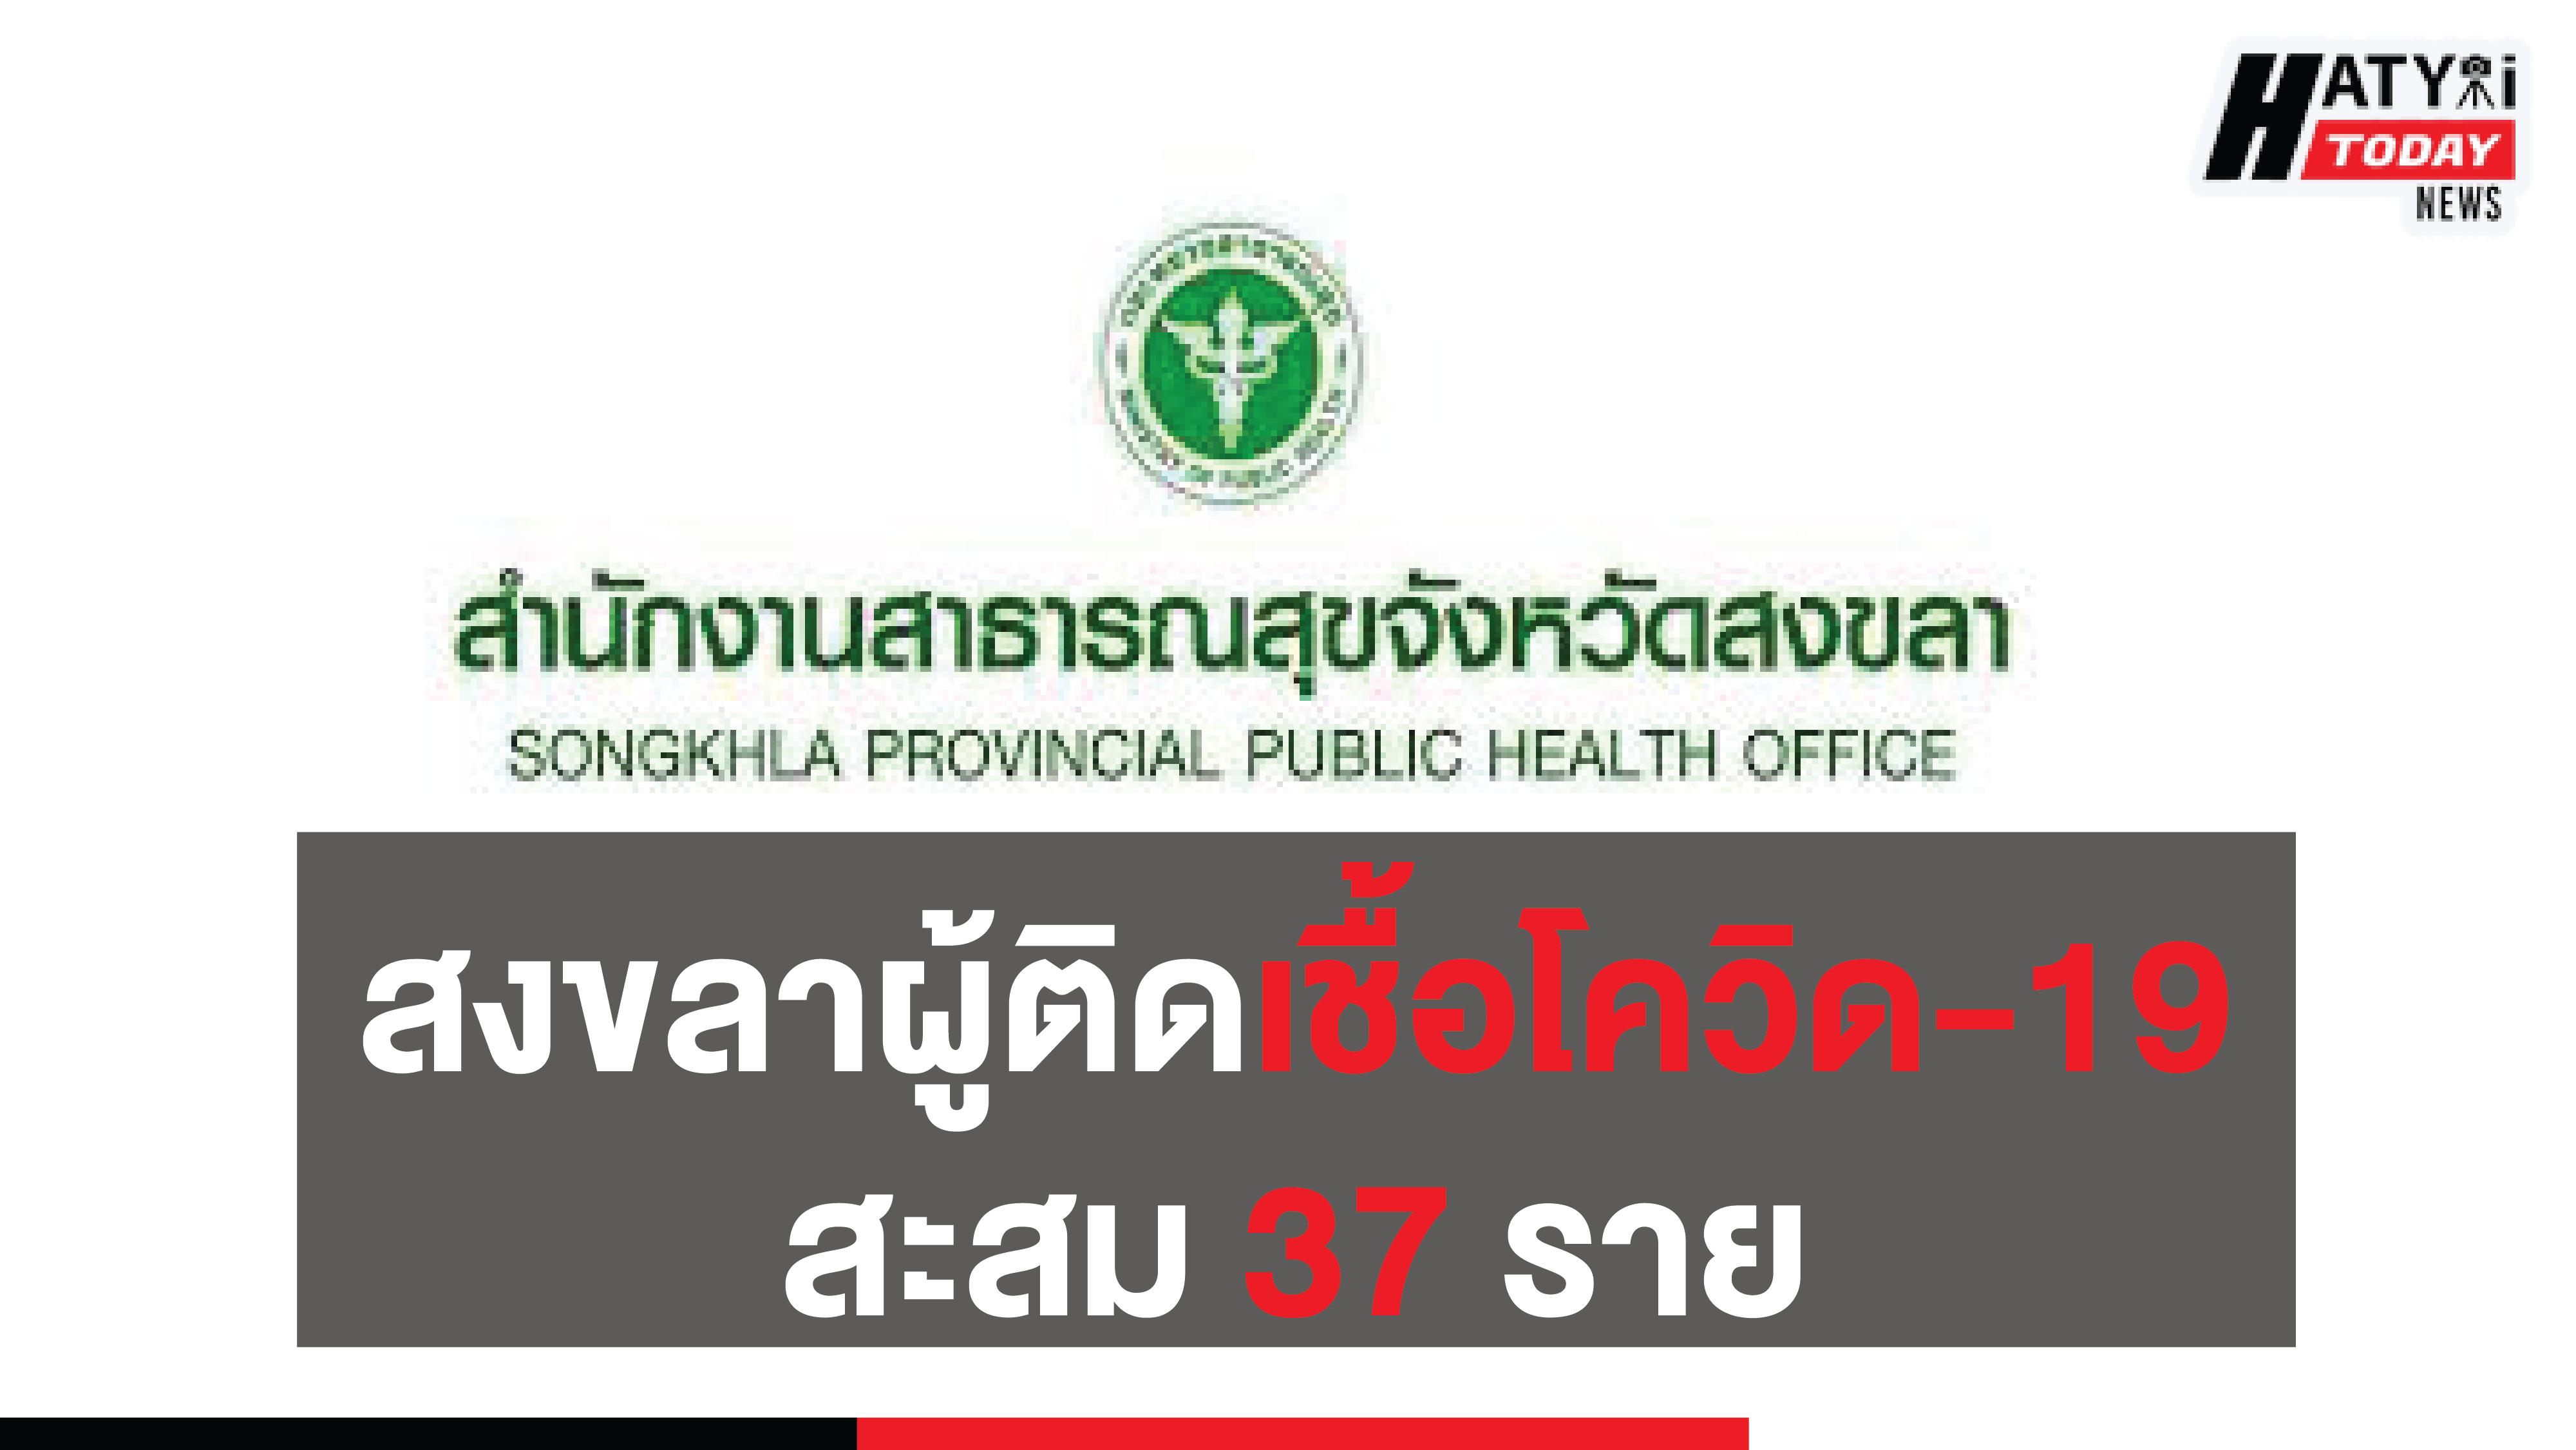 สถานการณ์โรคติดเชื้อไวรัสโคโรนา 2019 วันที่ 05 เมษายน 2563 ในจังหวัดสงขลา